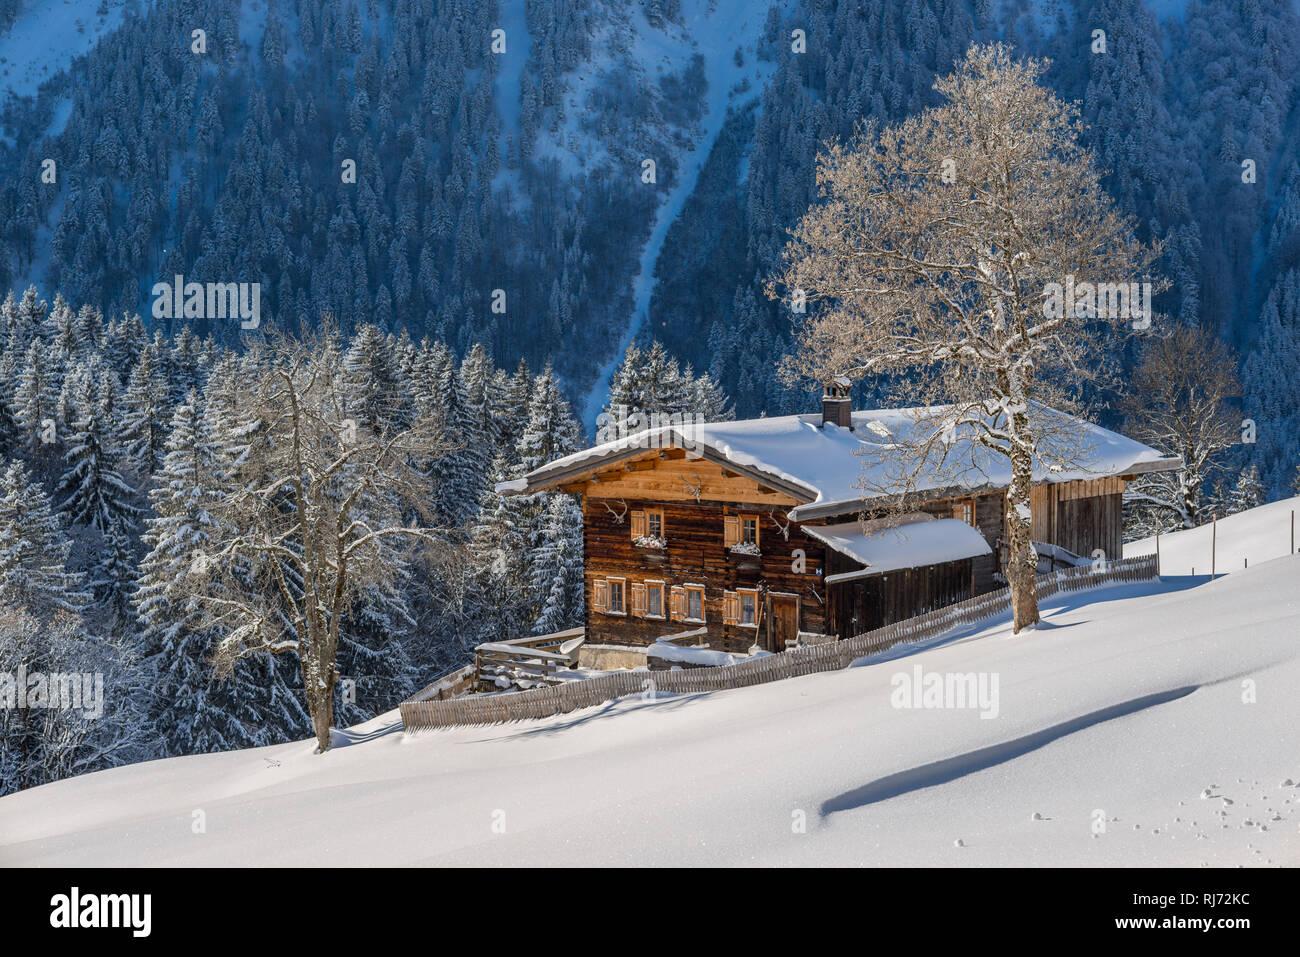 Bauernhof, Gerstruben, ein ehemaliges Bergbauerndorf im Dietersbachtal bei Oberstdorf, Allgäuer Alpen, Allgäu, Bayern, Deutschland, Europa Stock Photo